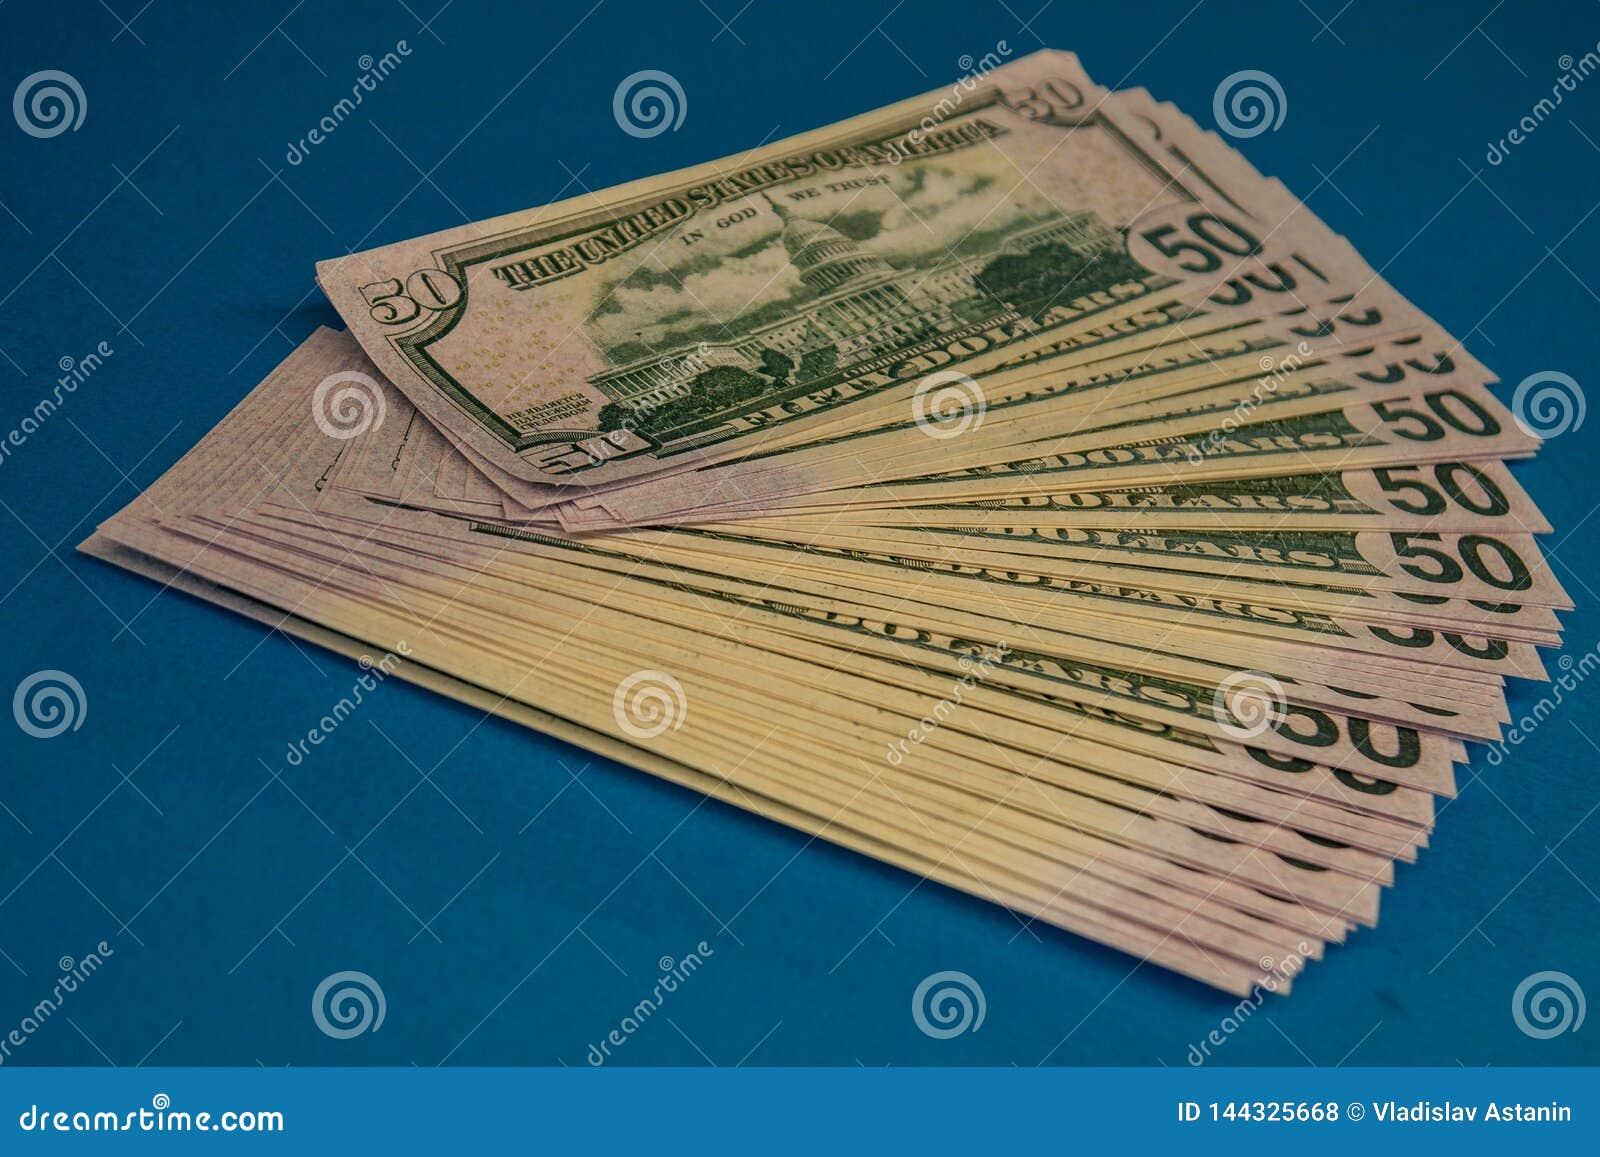 Wielka Gruba pieniądze rolka na błękitnym tle